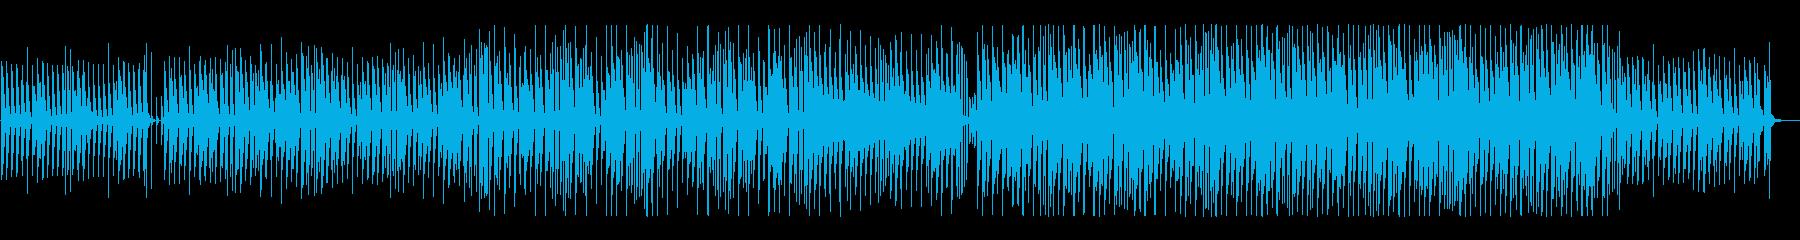 暖かくモダンなアコースティックサウンドの再生済みの波形